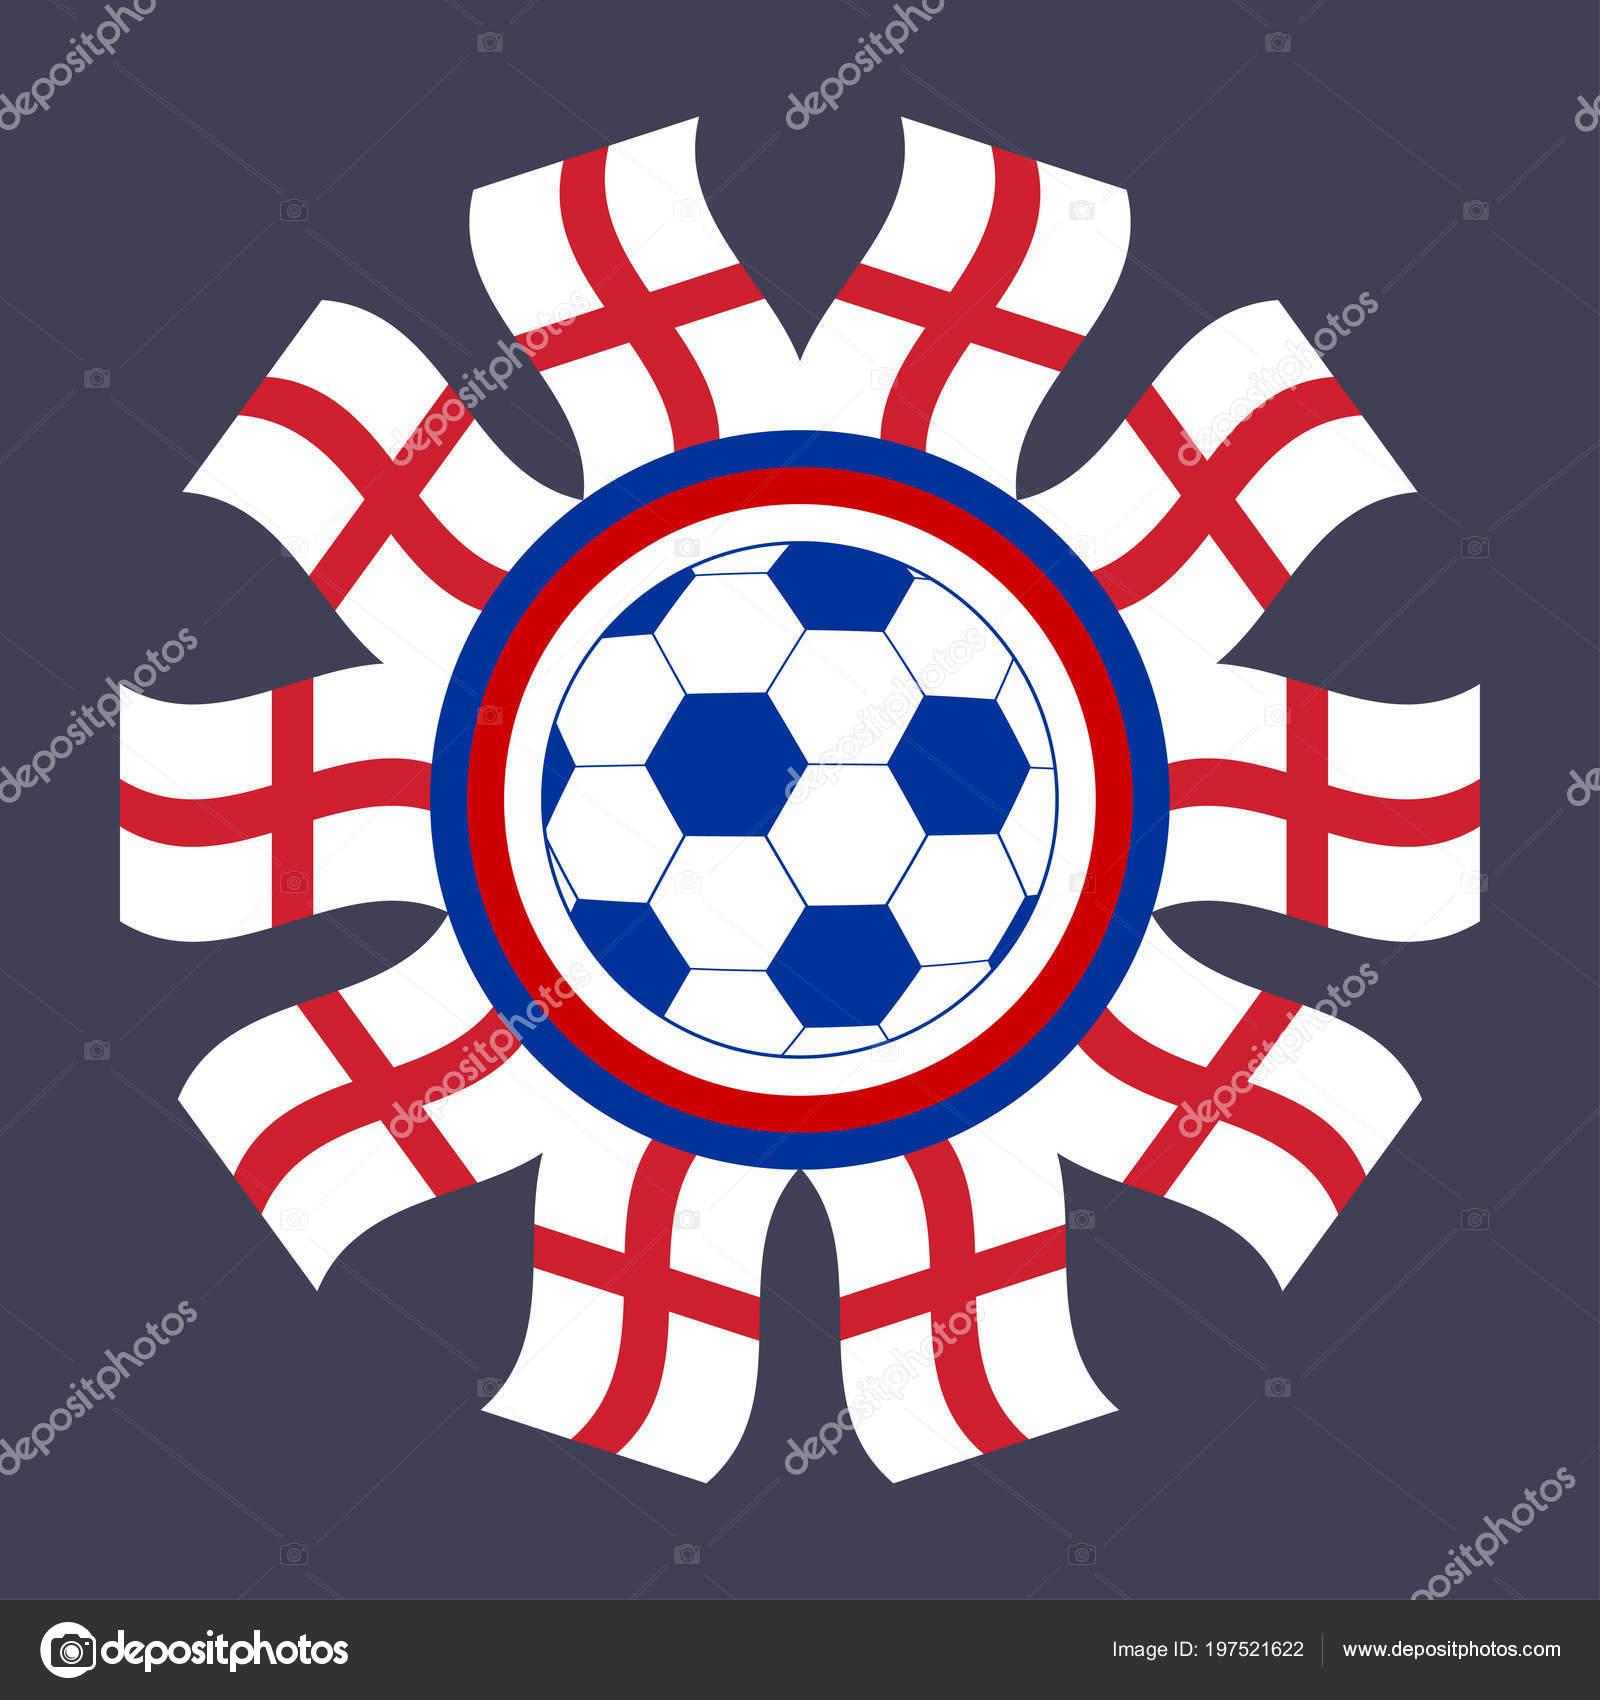 Fussball Ikone England Vektor Bild Eines Fussballs Umrahmt Mit